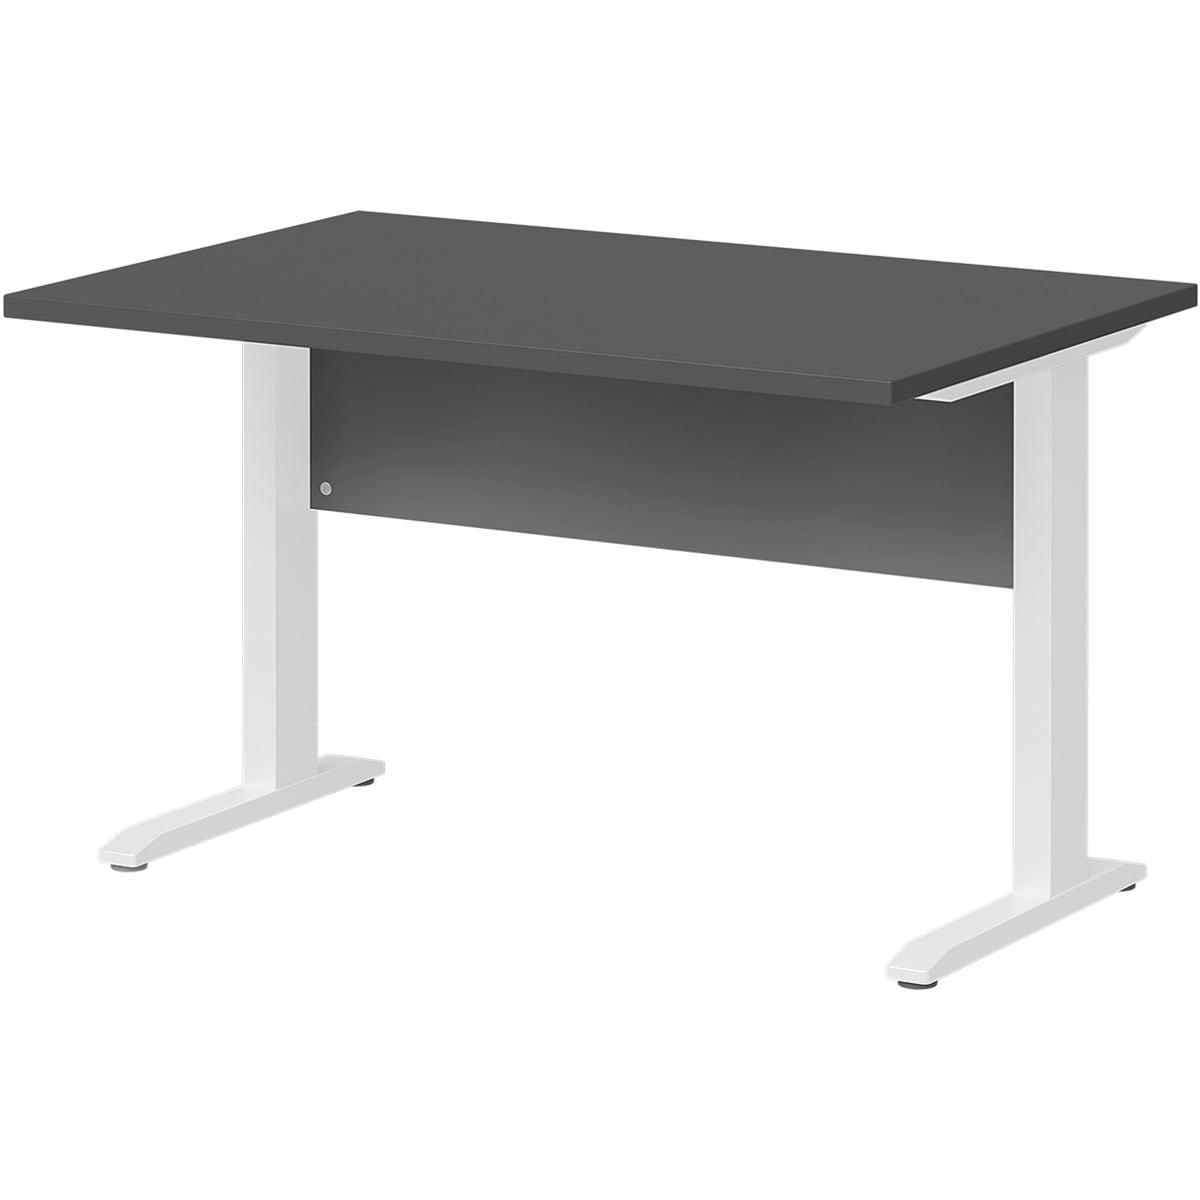 Wellemöbel Schreibtisch »Planeo white« 120 cm, C-Fuß weiß, Bei OTTO ...